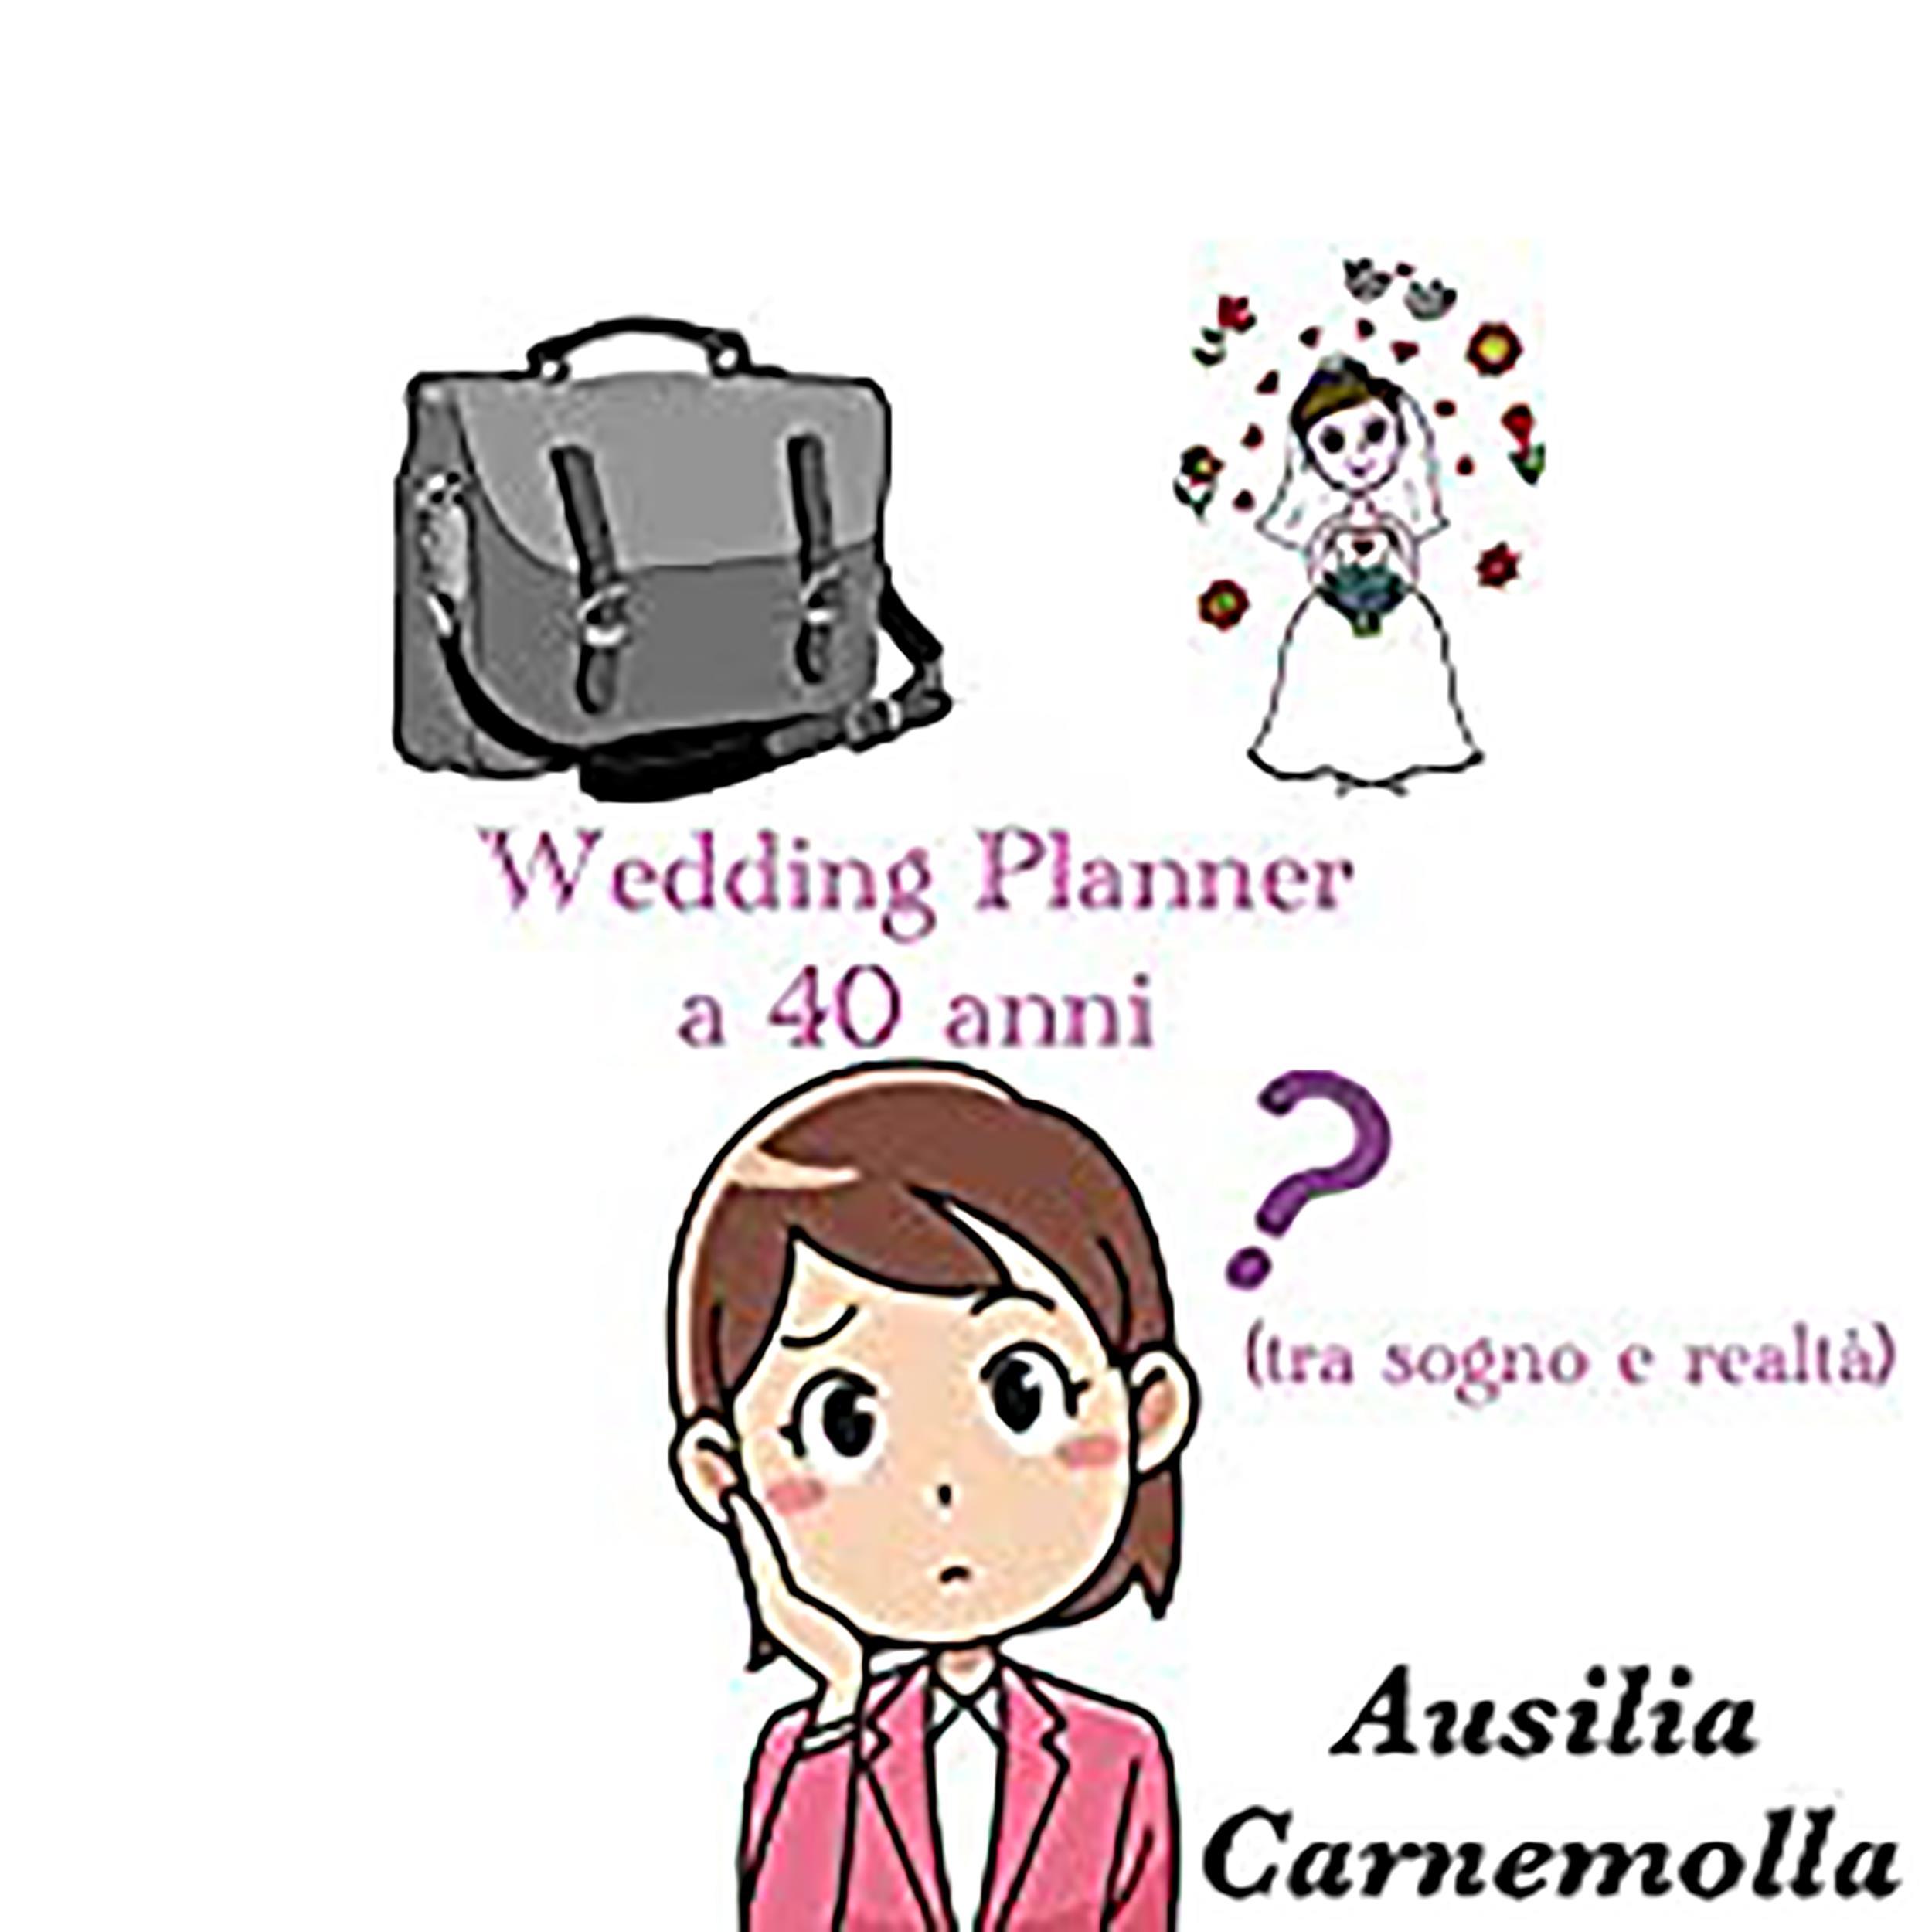 Wedding Planner a 40 anni (tra sogno e realtà)